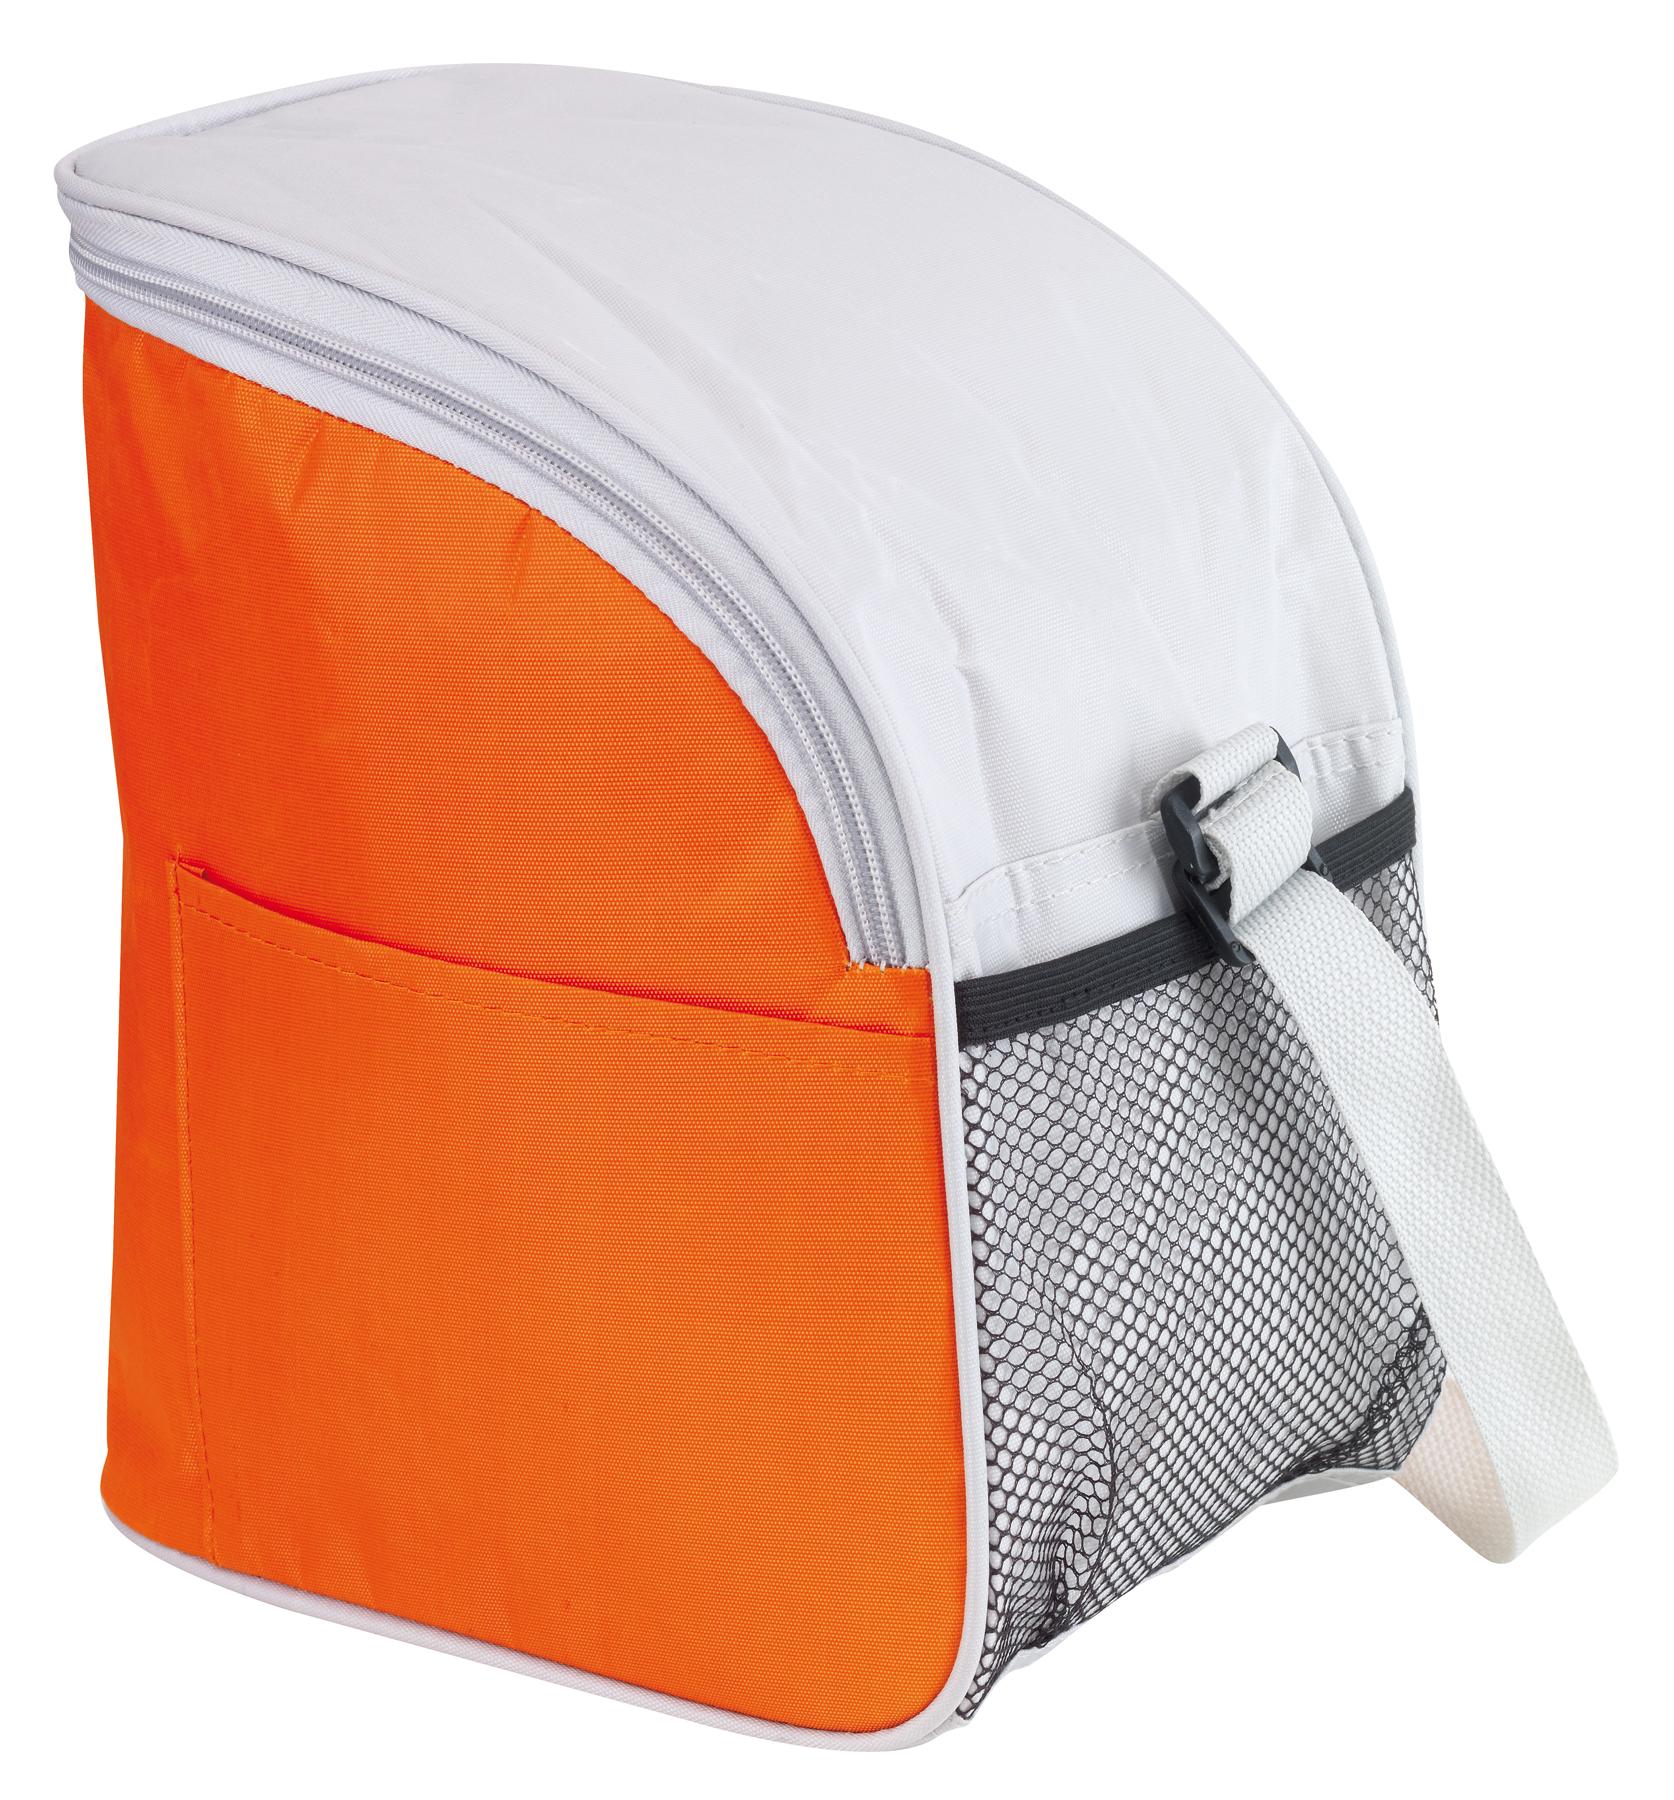 Torba izotermiczna GLACIAL, pomarańczowy